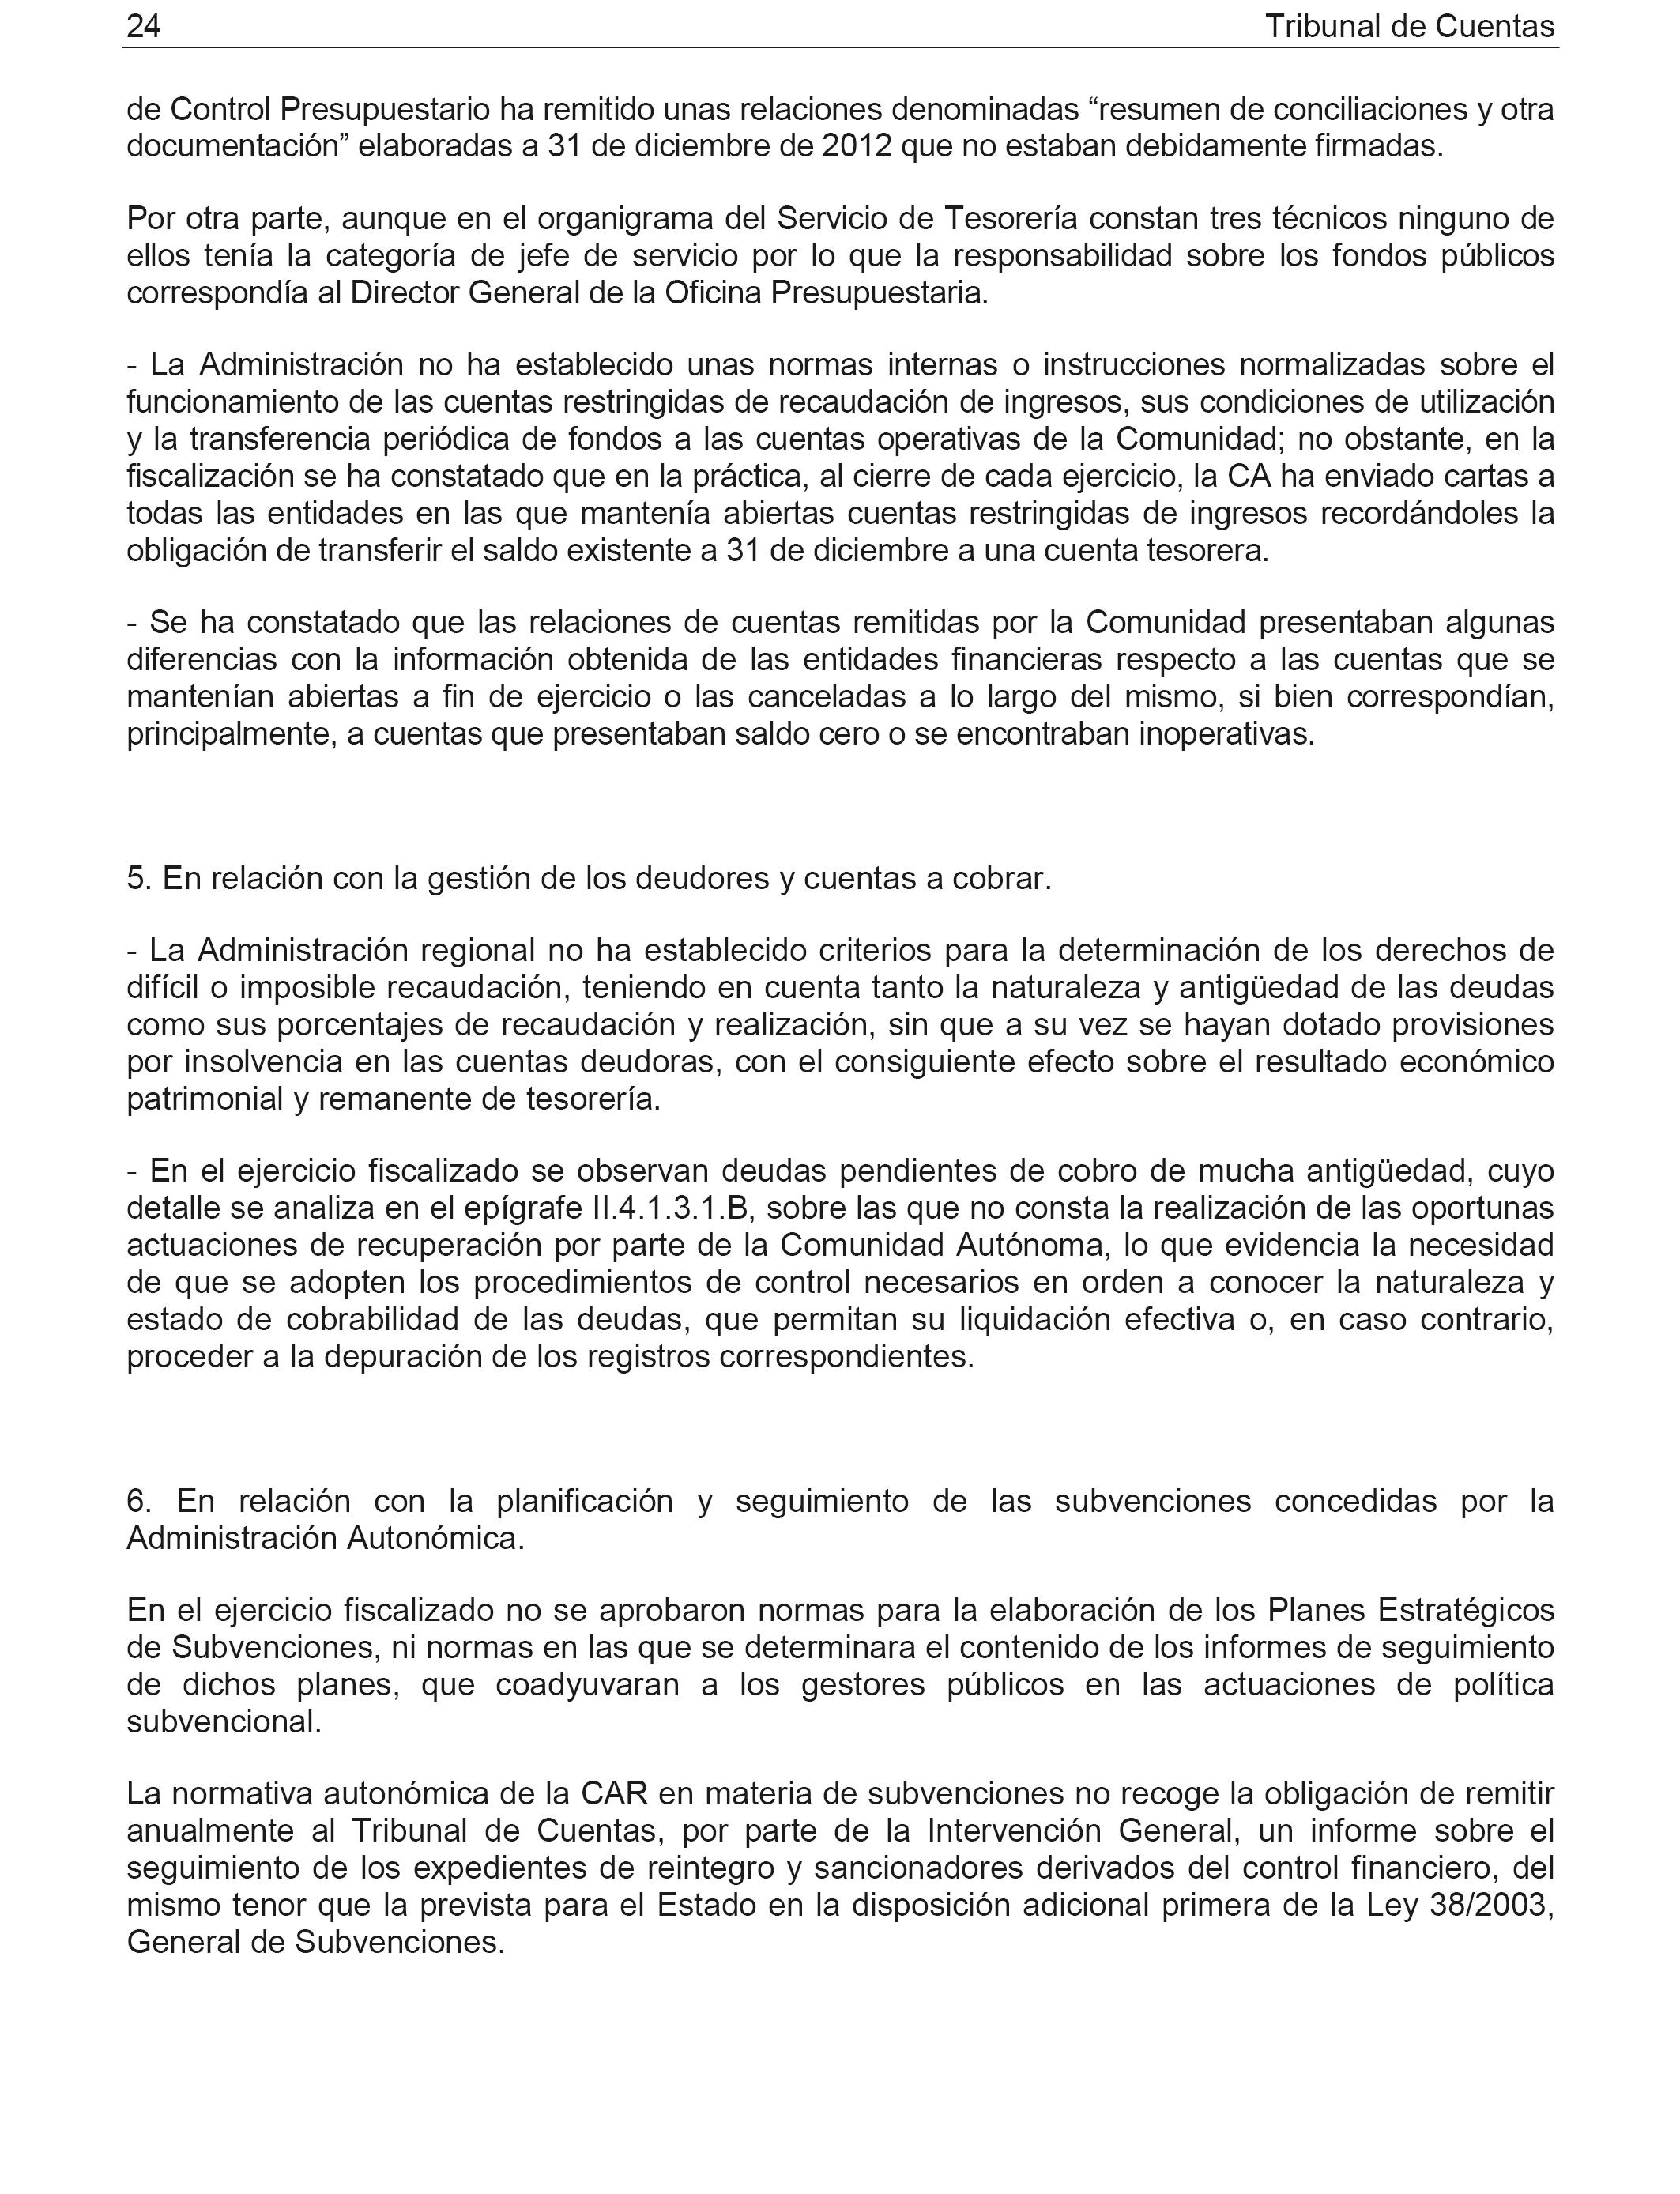 Moderno Jefe De Servicio Resume Colección de Imágenes - Ejemplo De ...